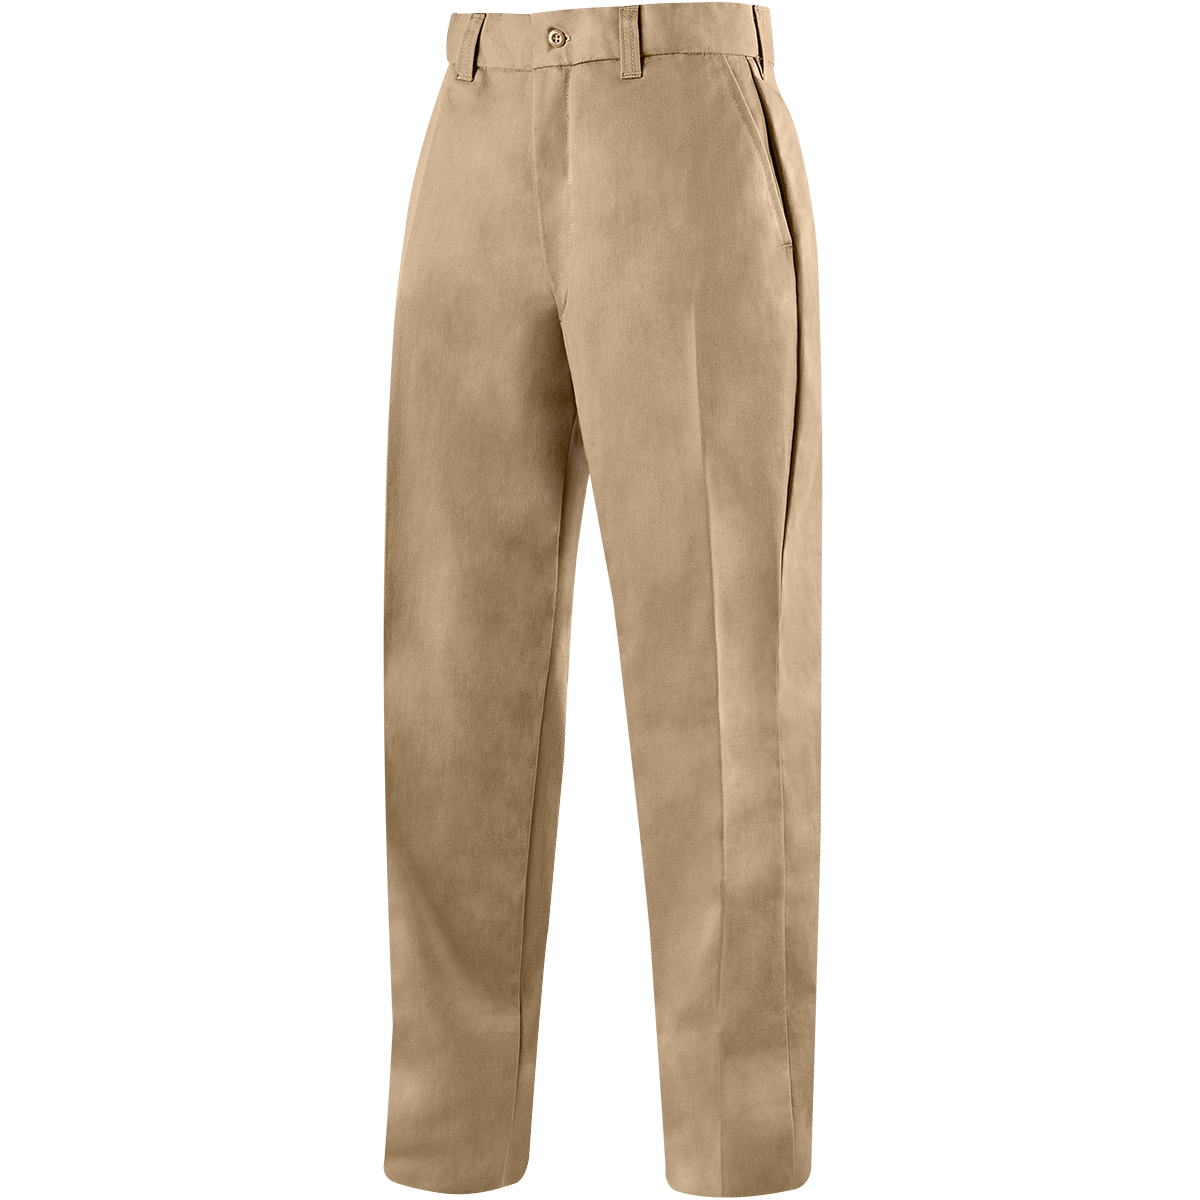 Khaki png transparent images. Pants clipart school trousers